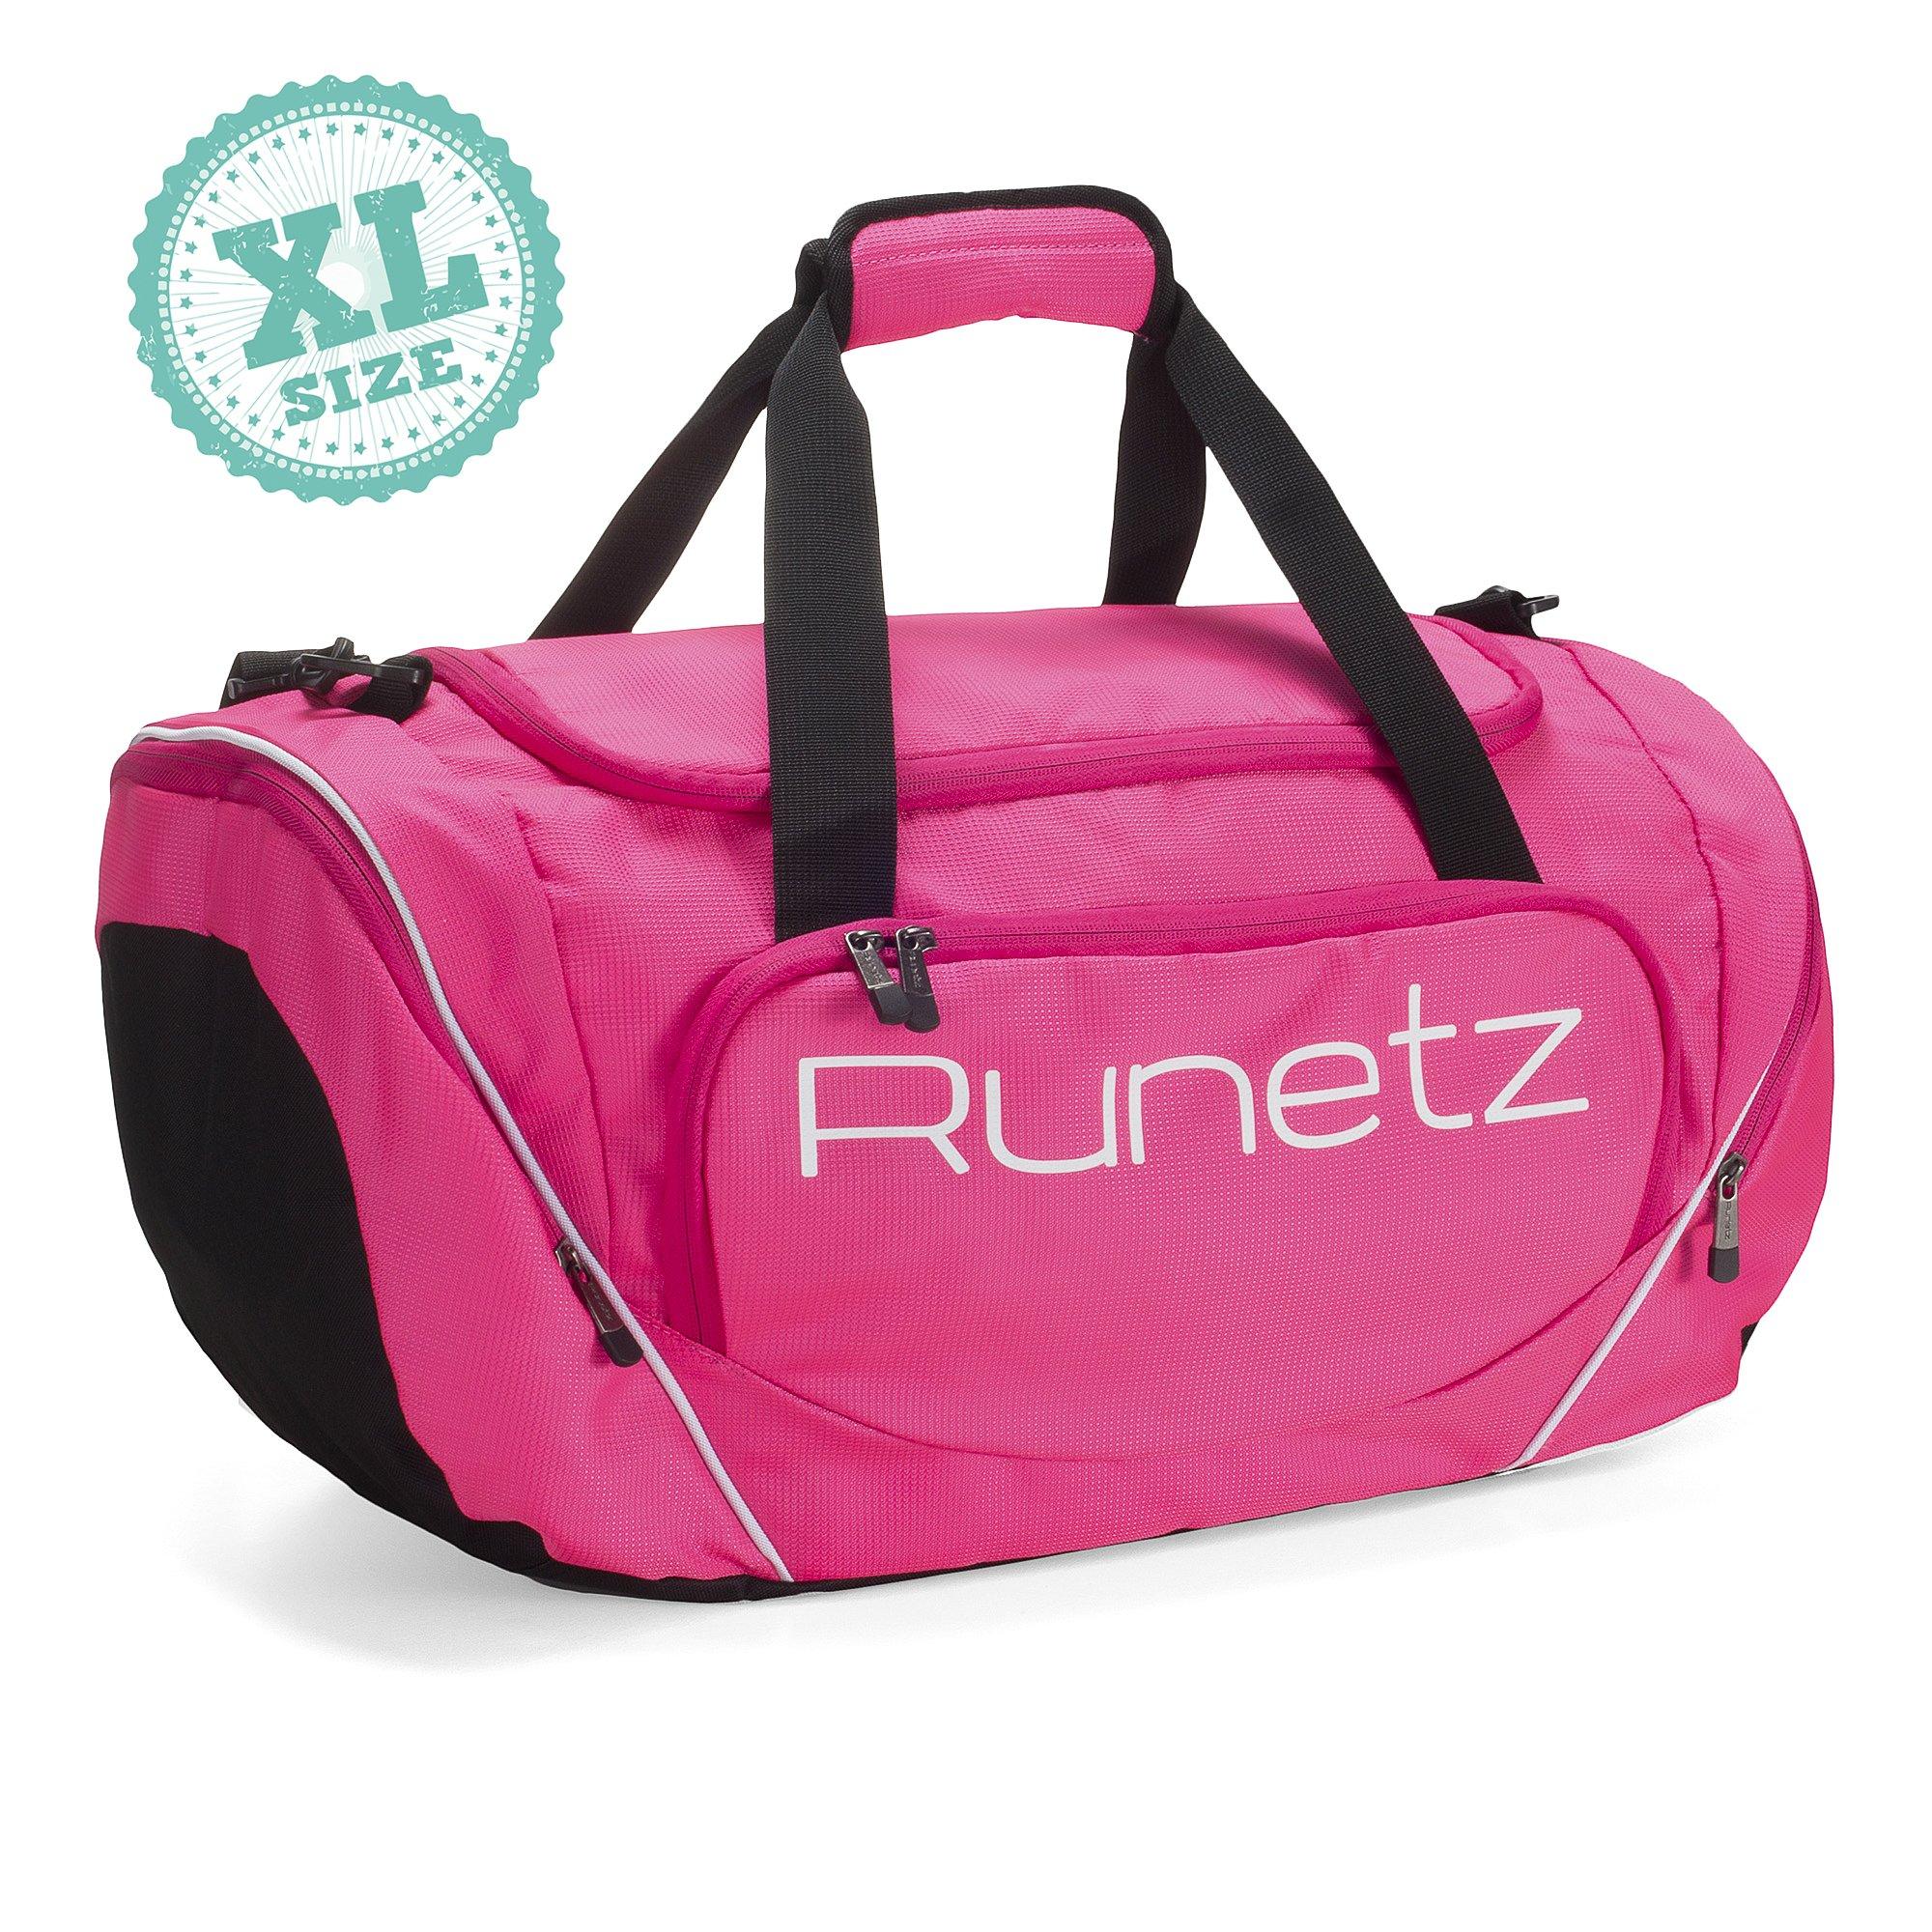 fd98f5d73337 Galleon - Runetz Gym Duffle Bag - Sports Bag For Men And Women - Ideal  Workout